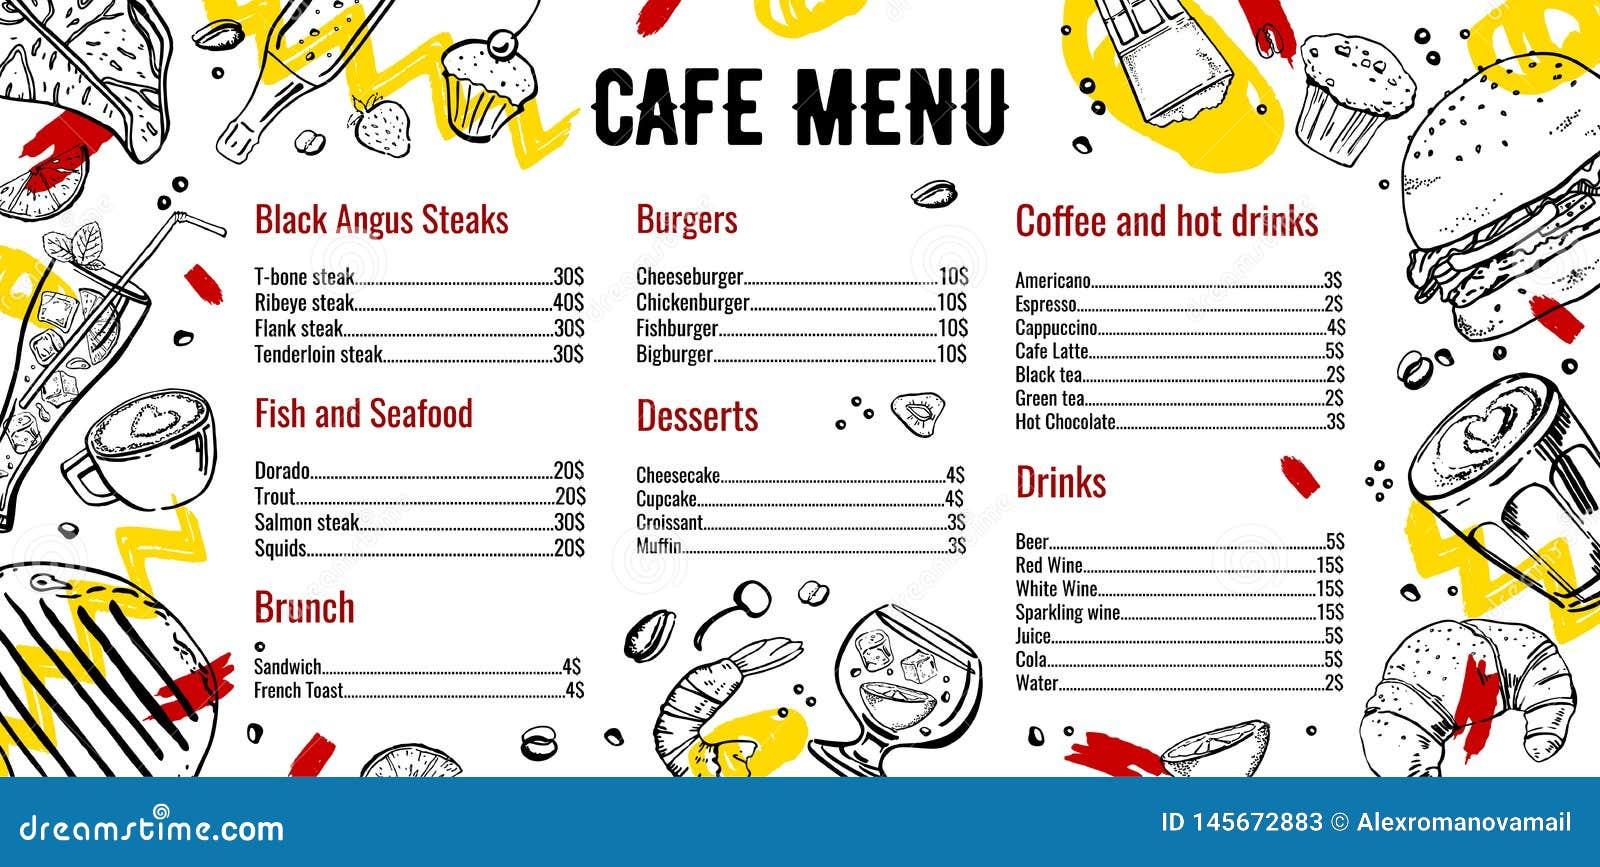 咖啡馆菜单与牛排、鱼、汉堡、饮料、咖啡和沙漠名单的设计模板